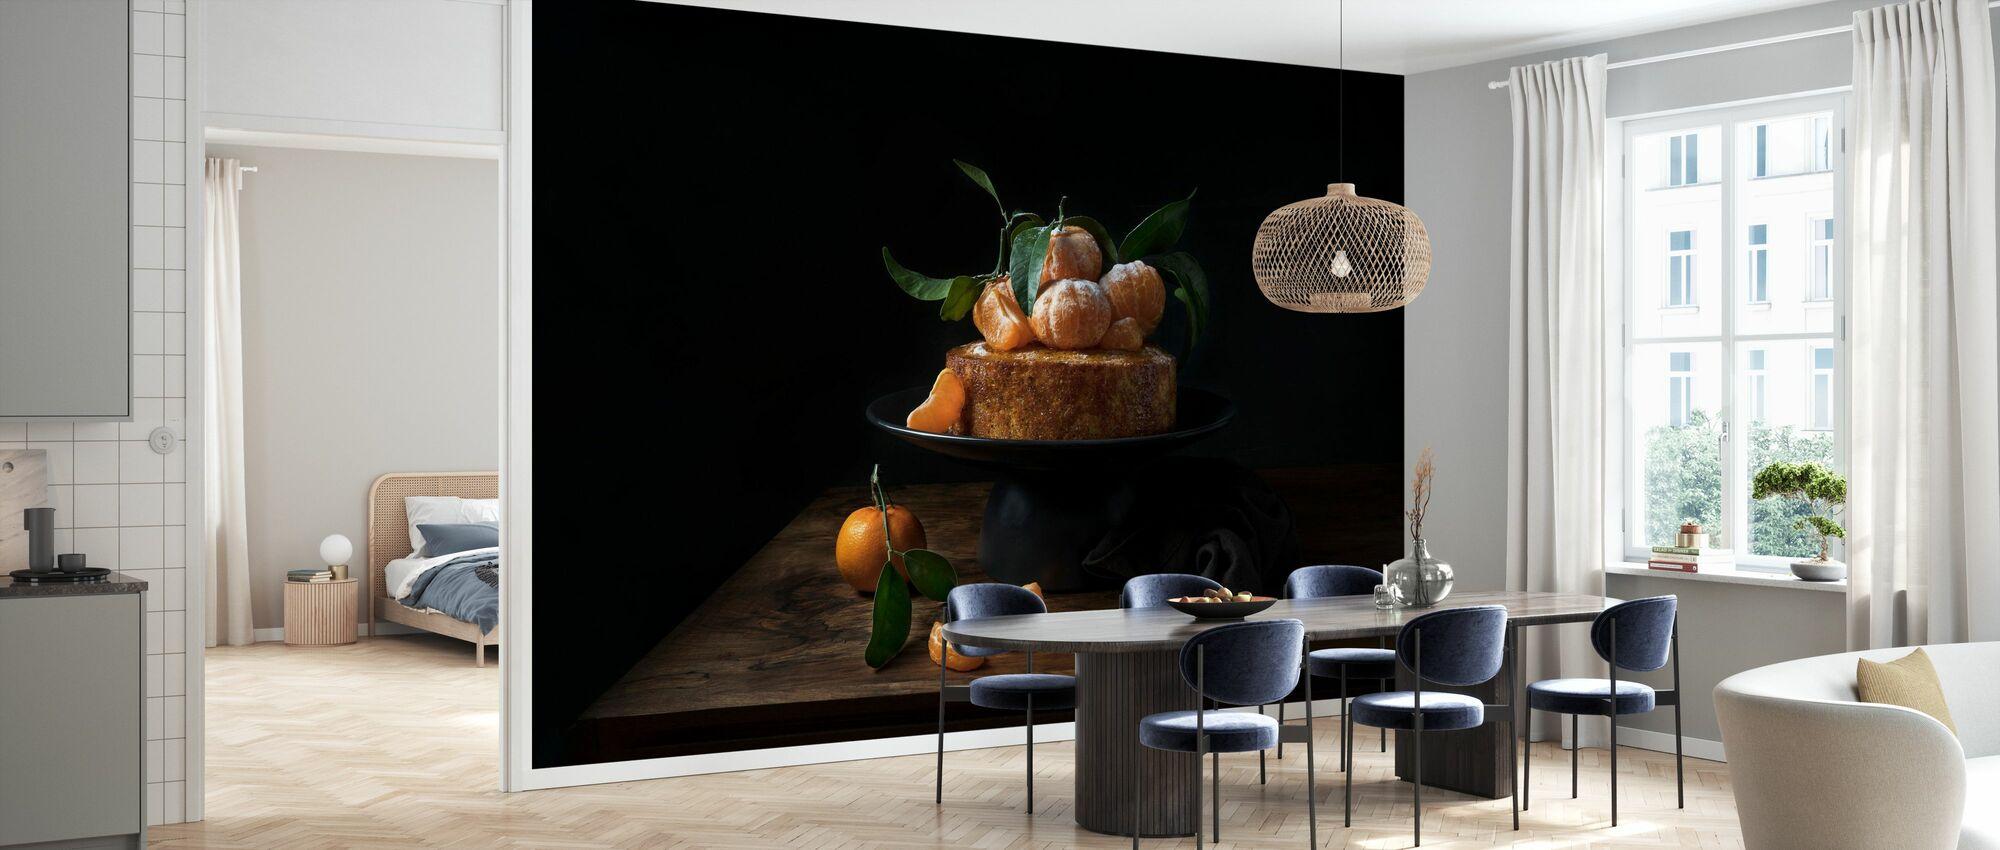 Polenta-Kuchen mit süßen Mandarinen - Tapete - Küchen